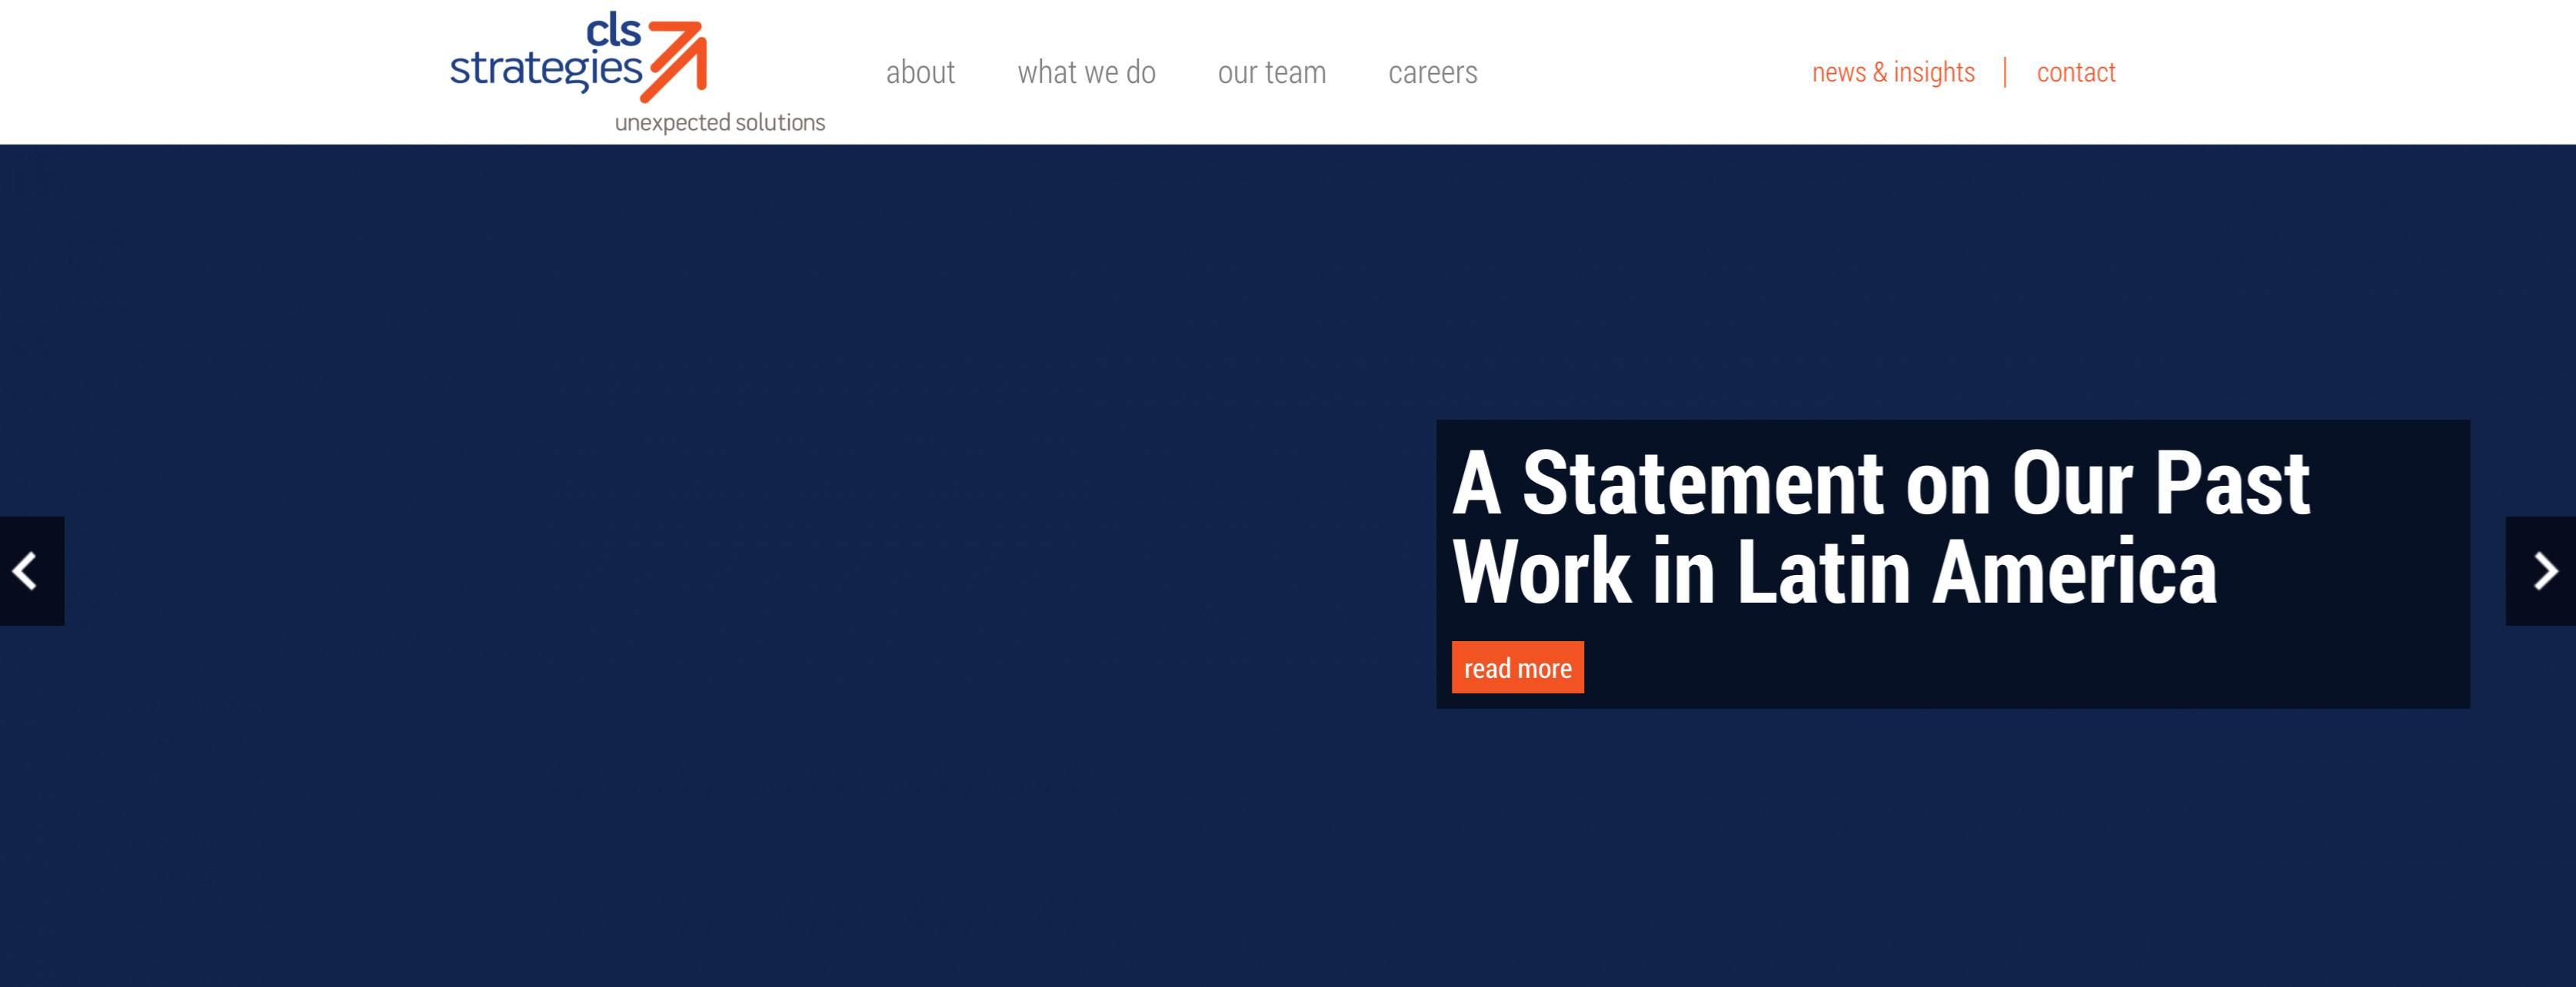 La página principal del sitio web CLS Strategies